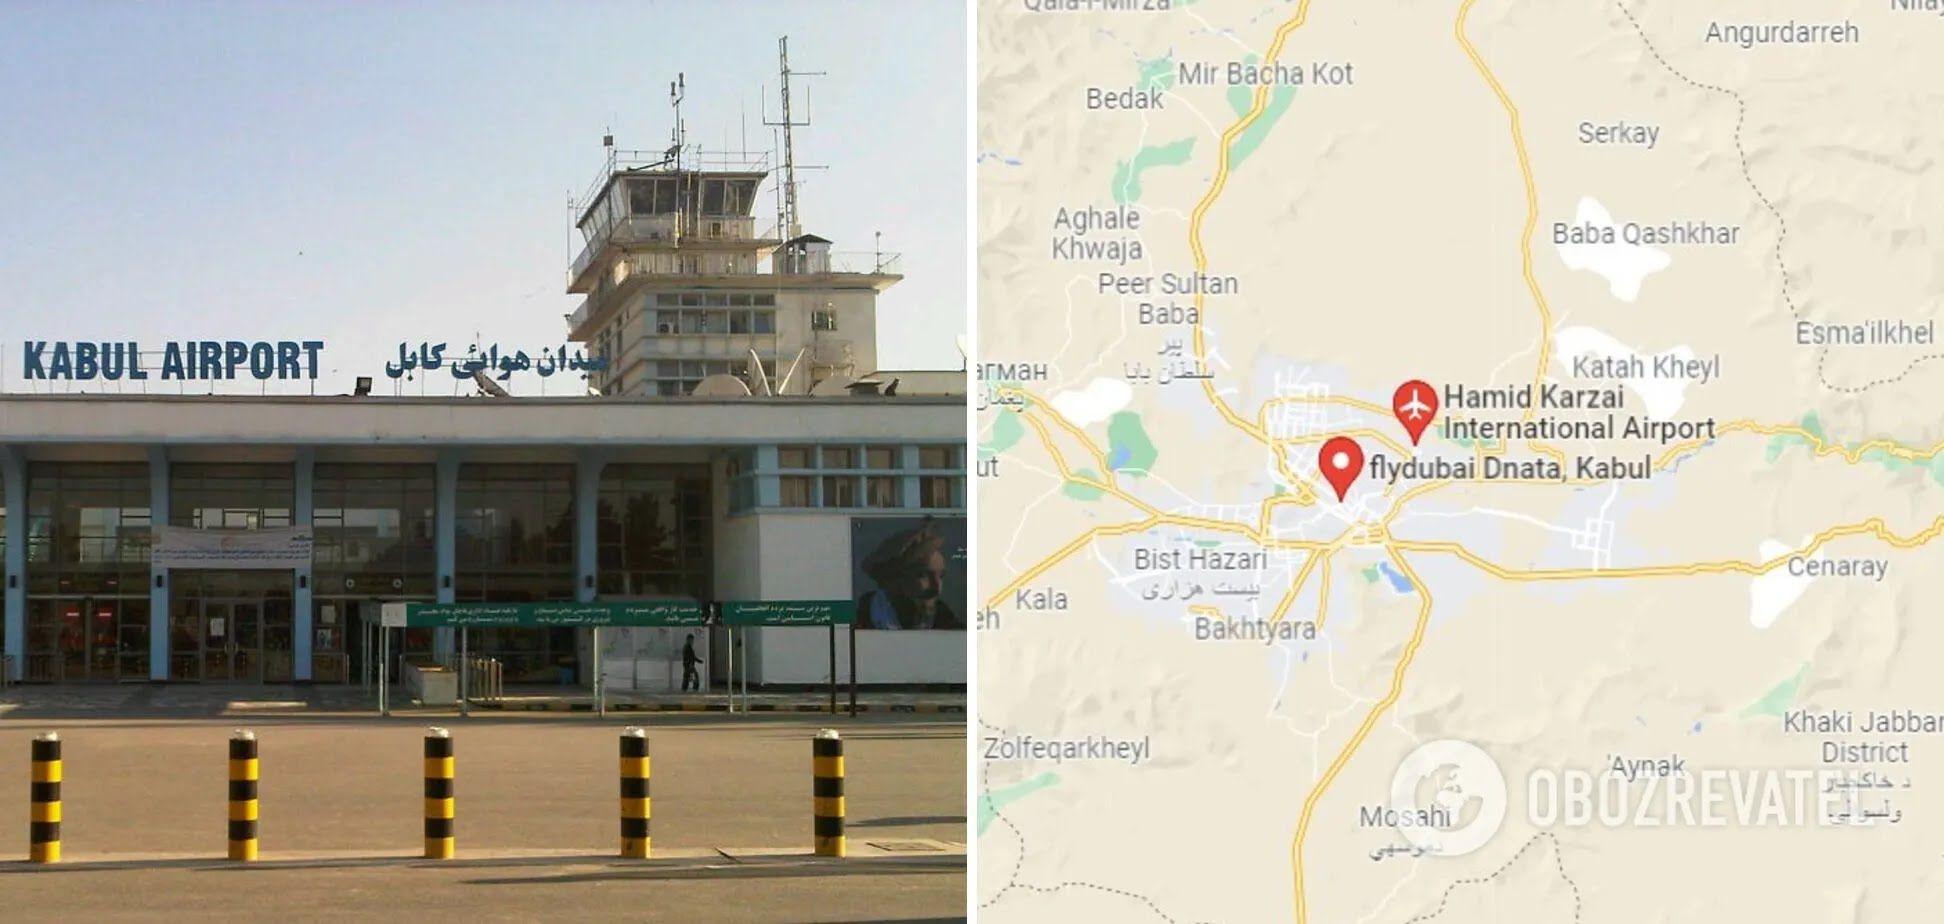 Український літак дві цього разу двічі робив рейси в Кабул